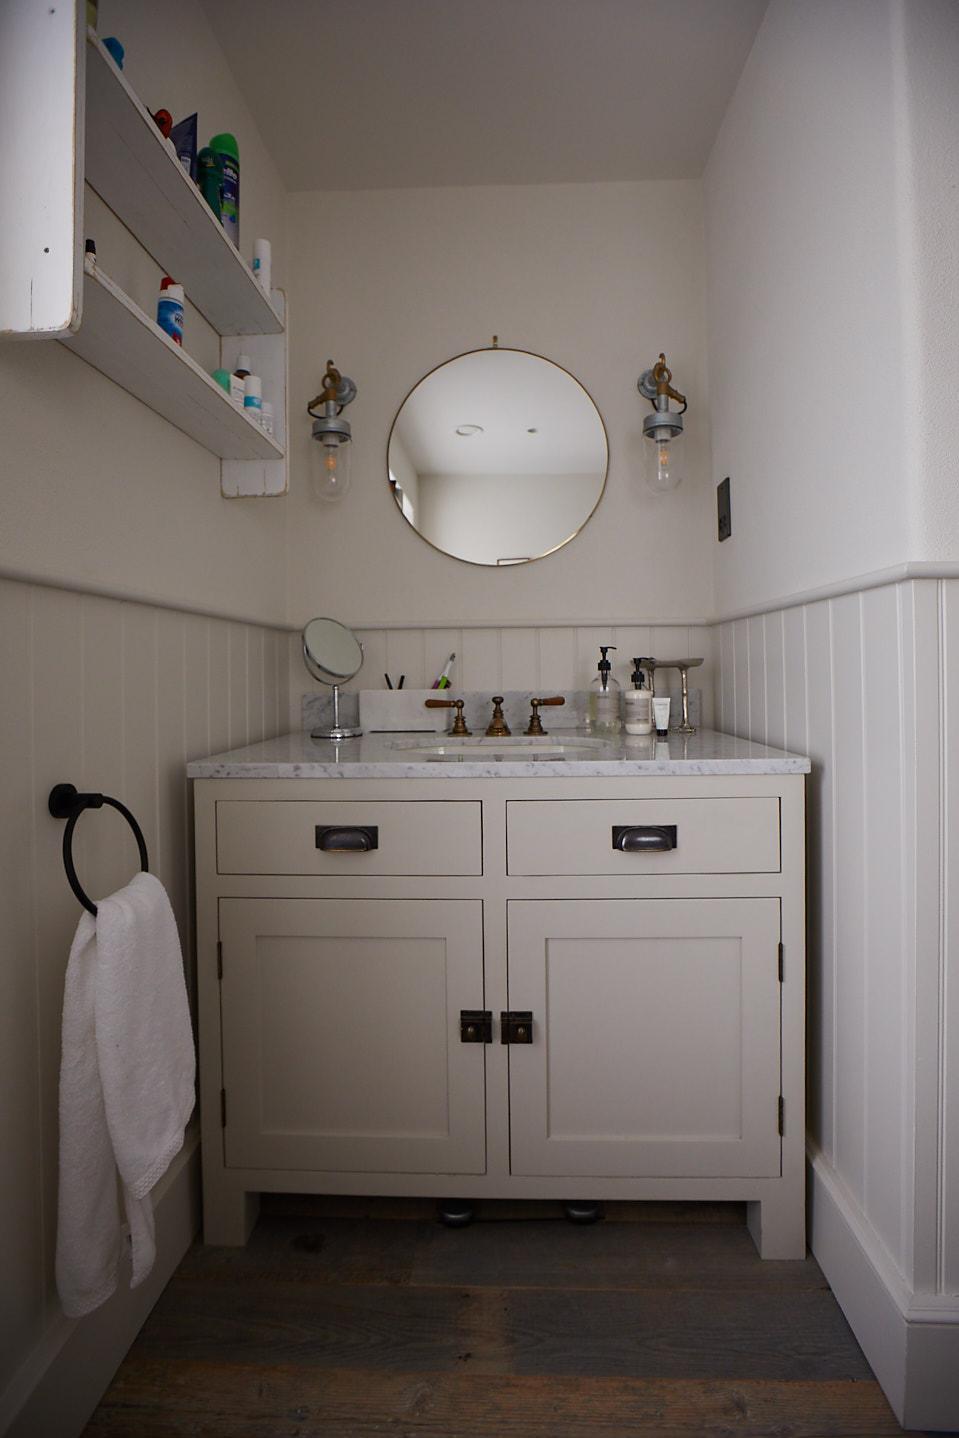 Painted double door vanity unit